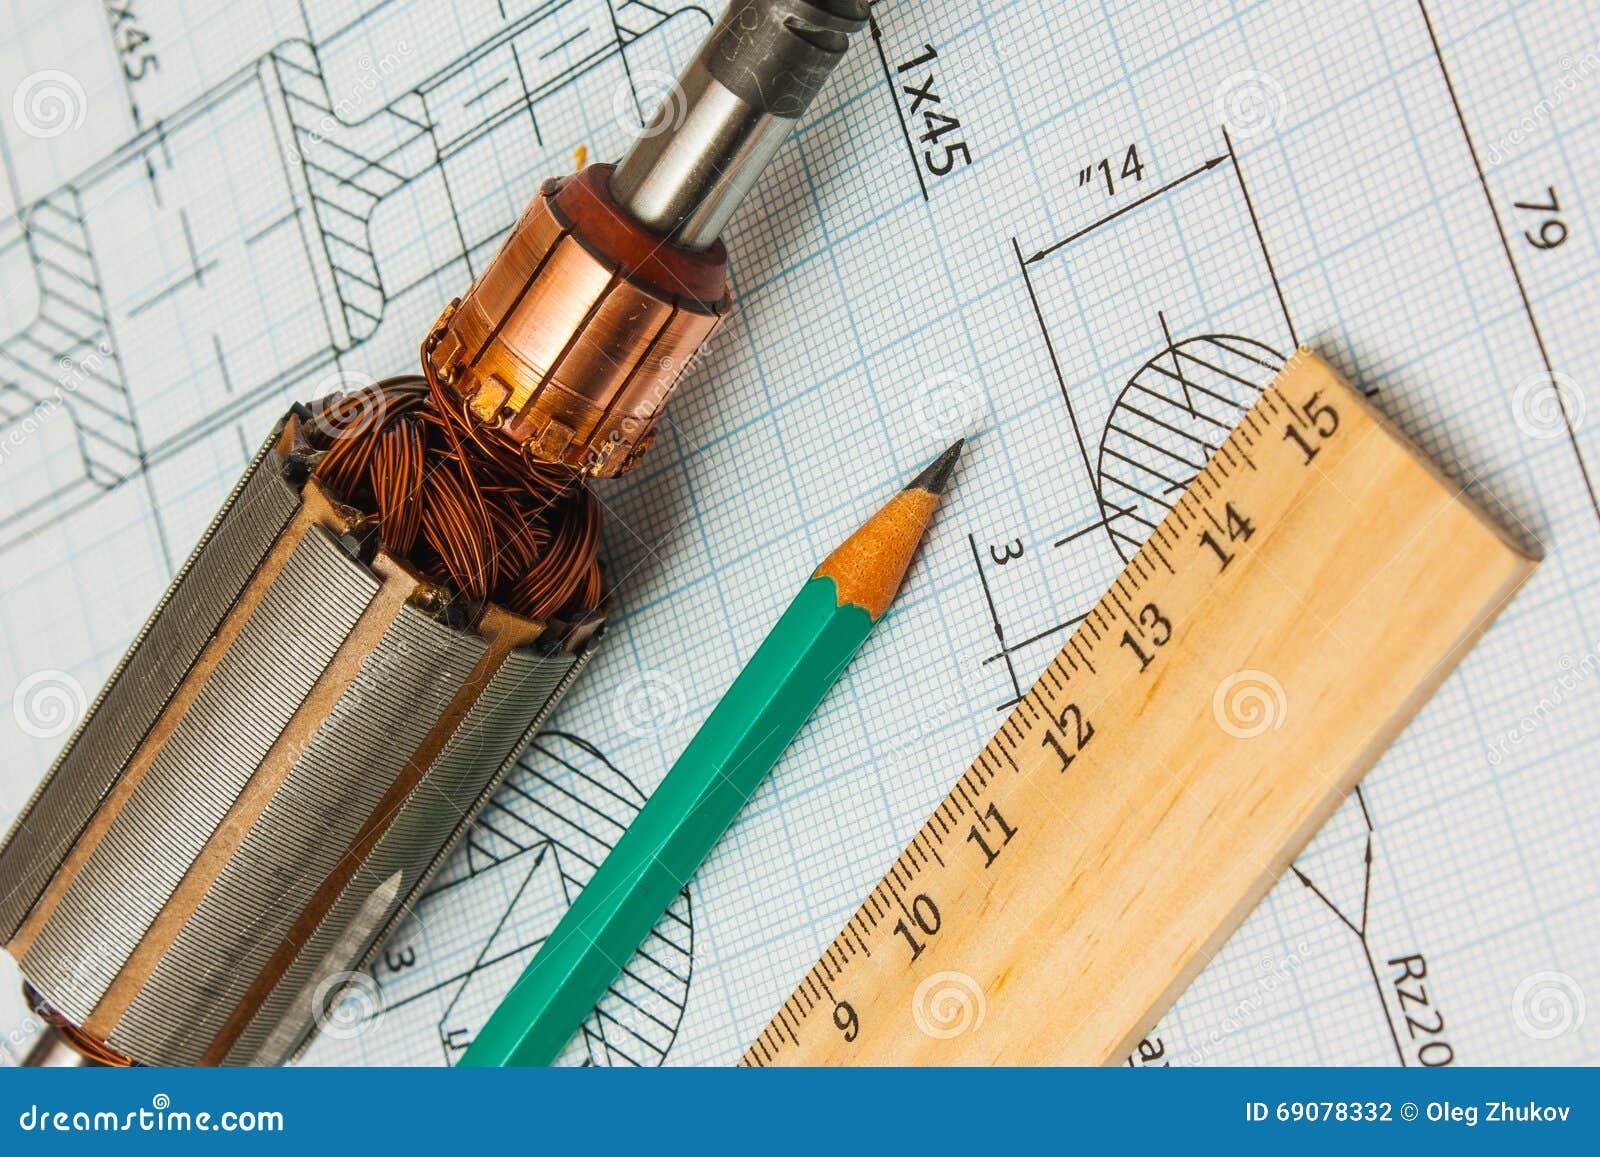 Composants électriques et outils de mesure de papeterie